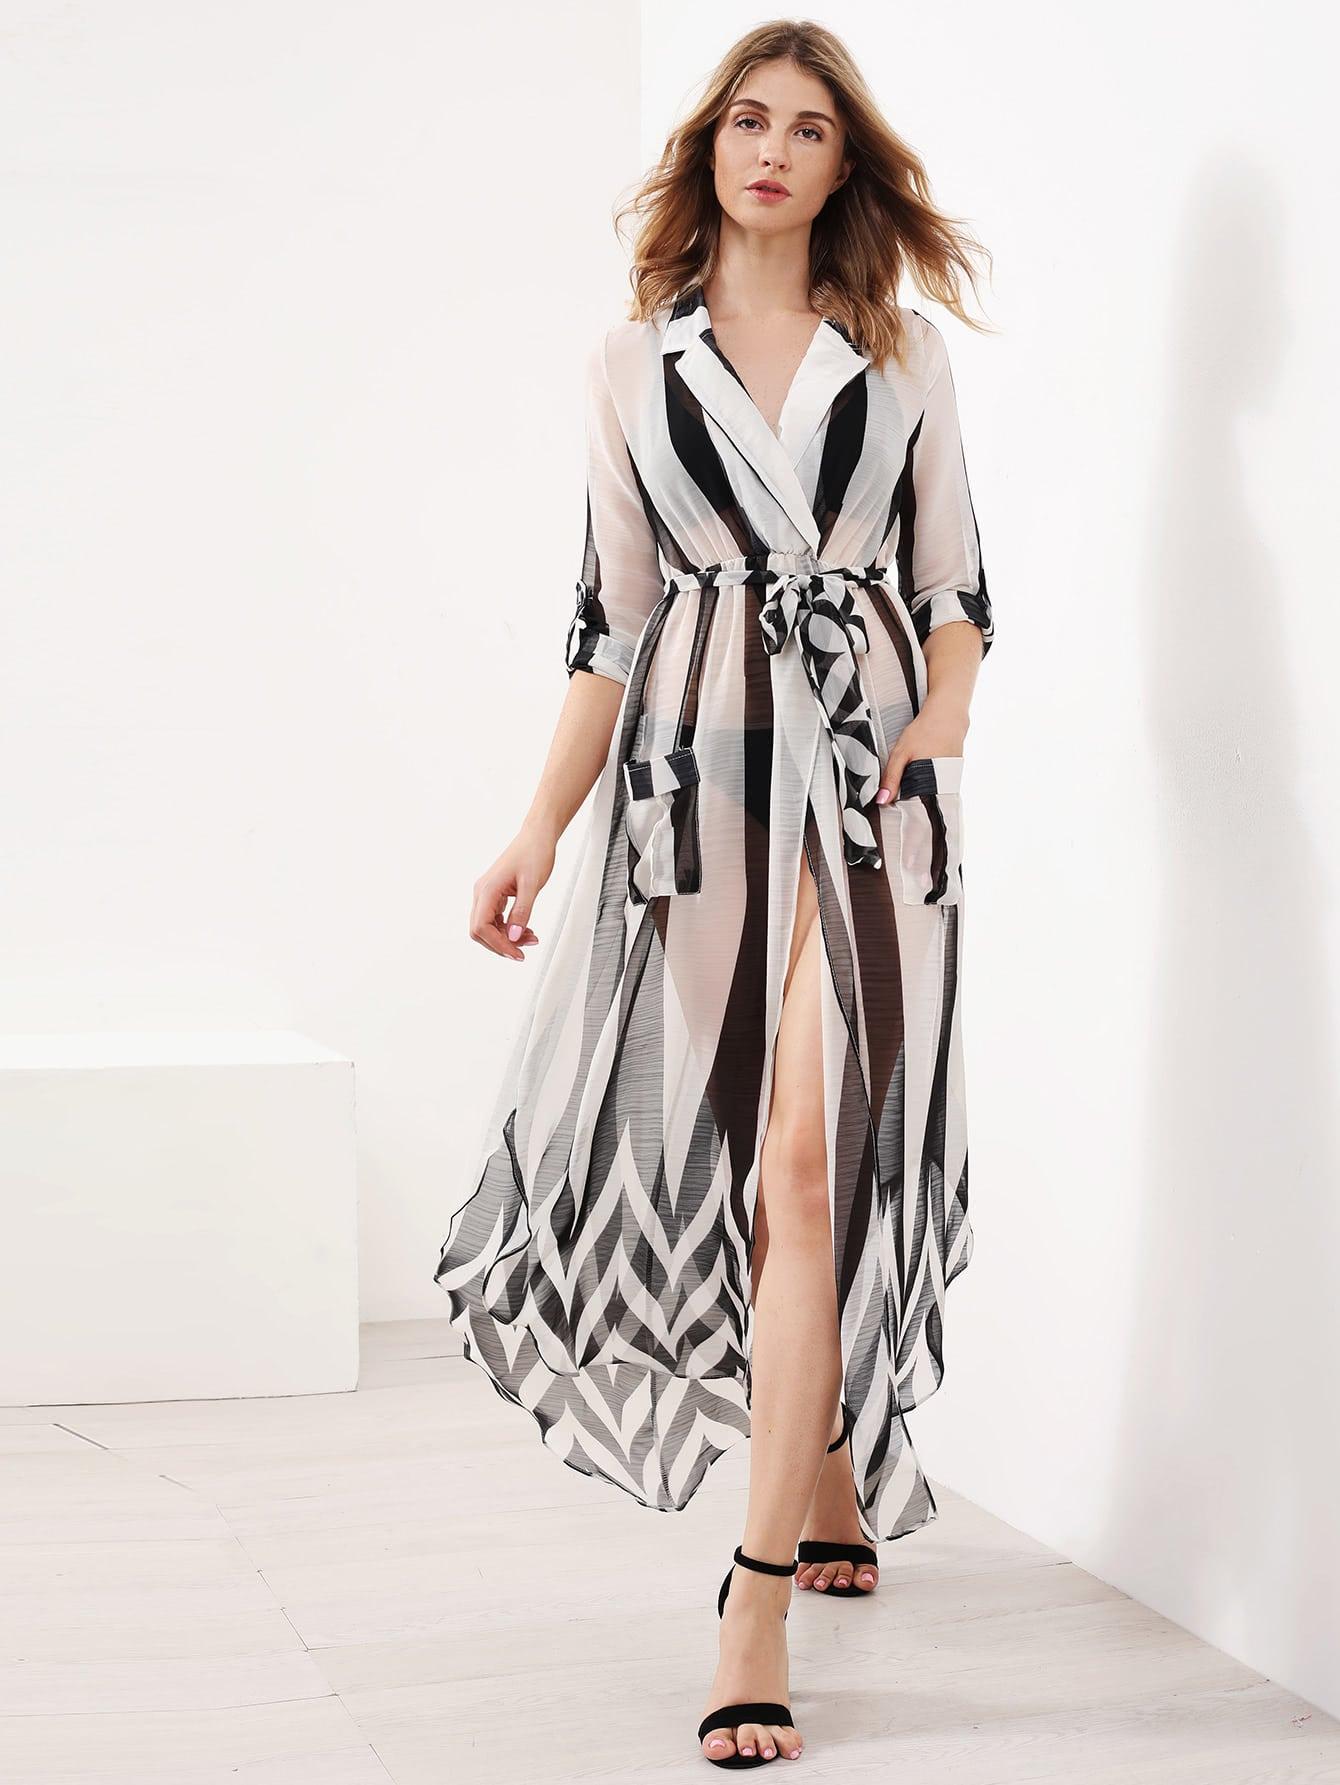 Contrast Striped Slit Side Curved Hem Shirt Dress dress170613110